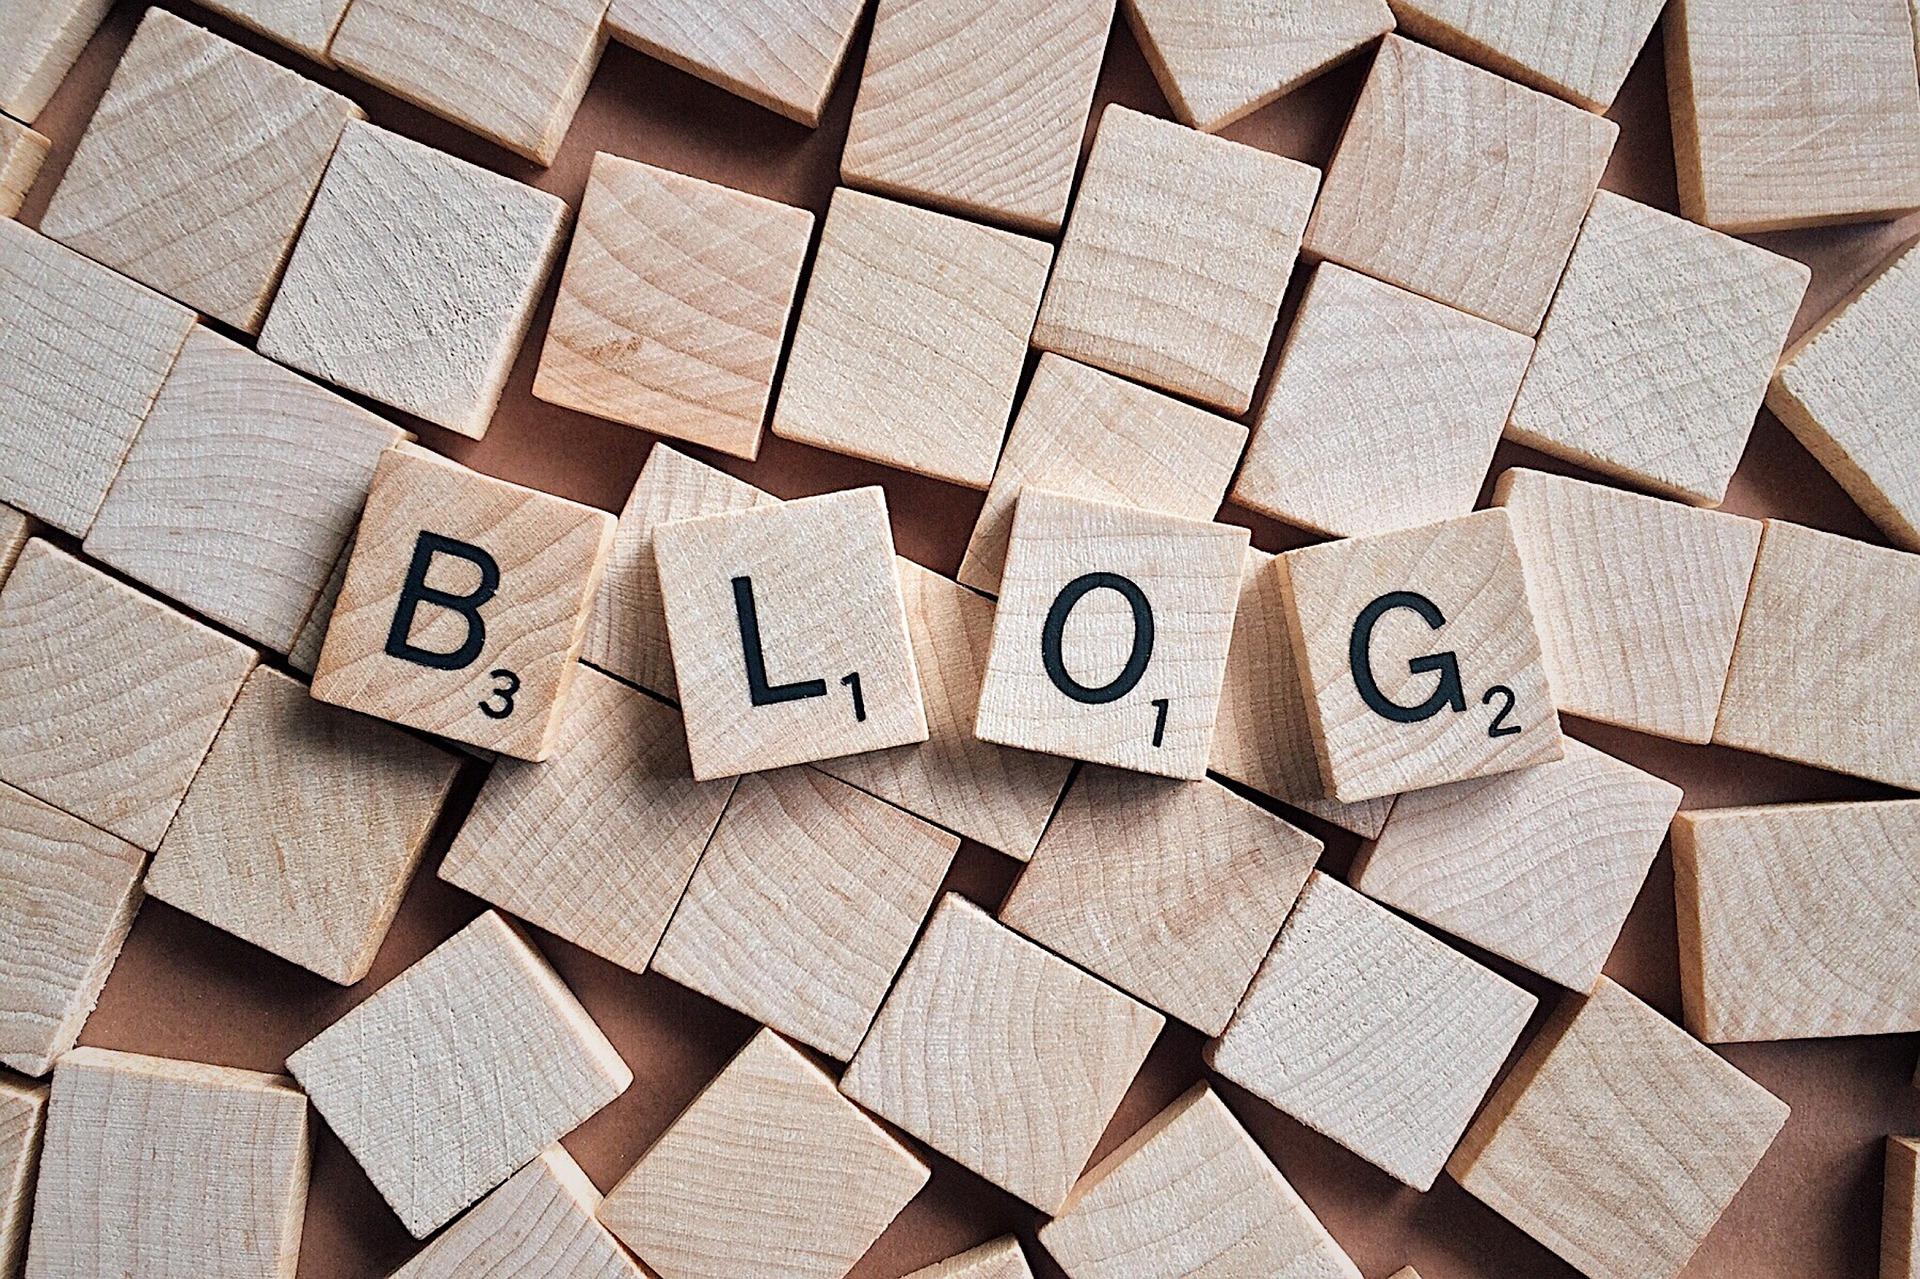 プランナーブログ活用法